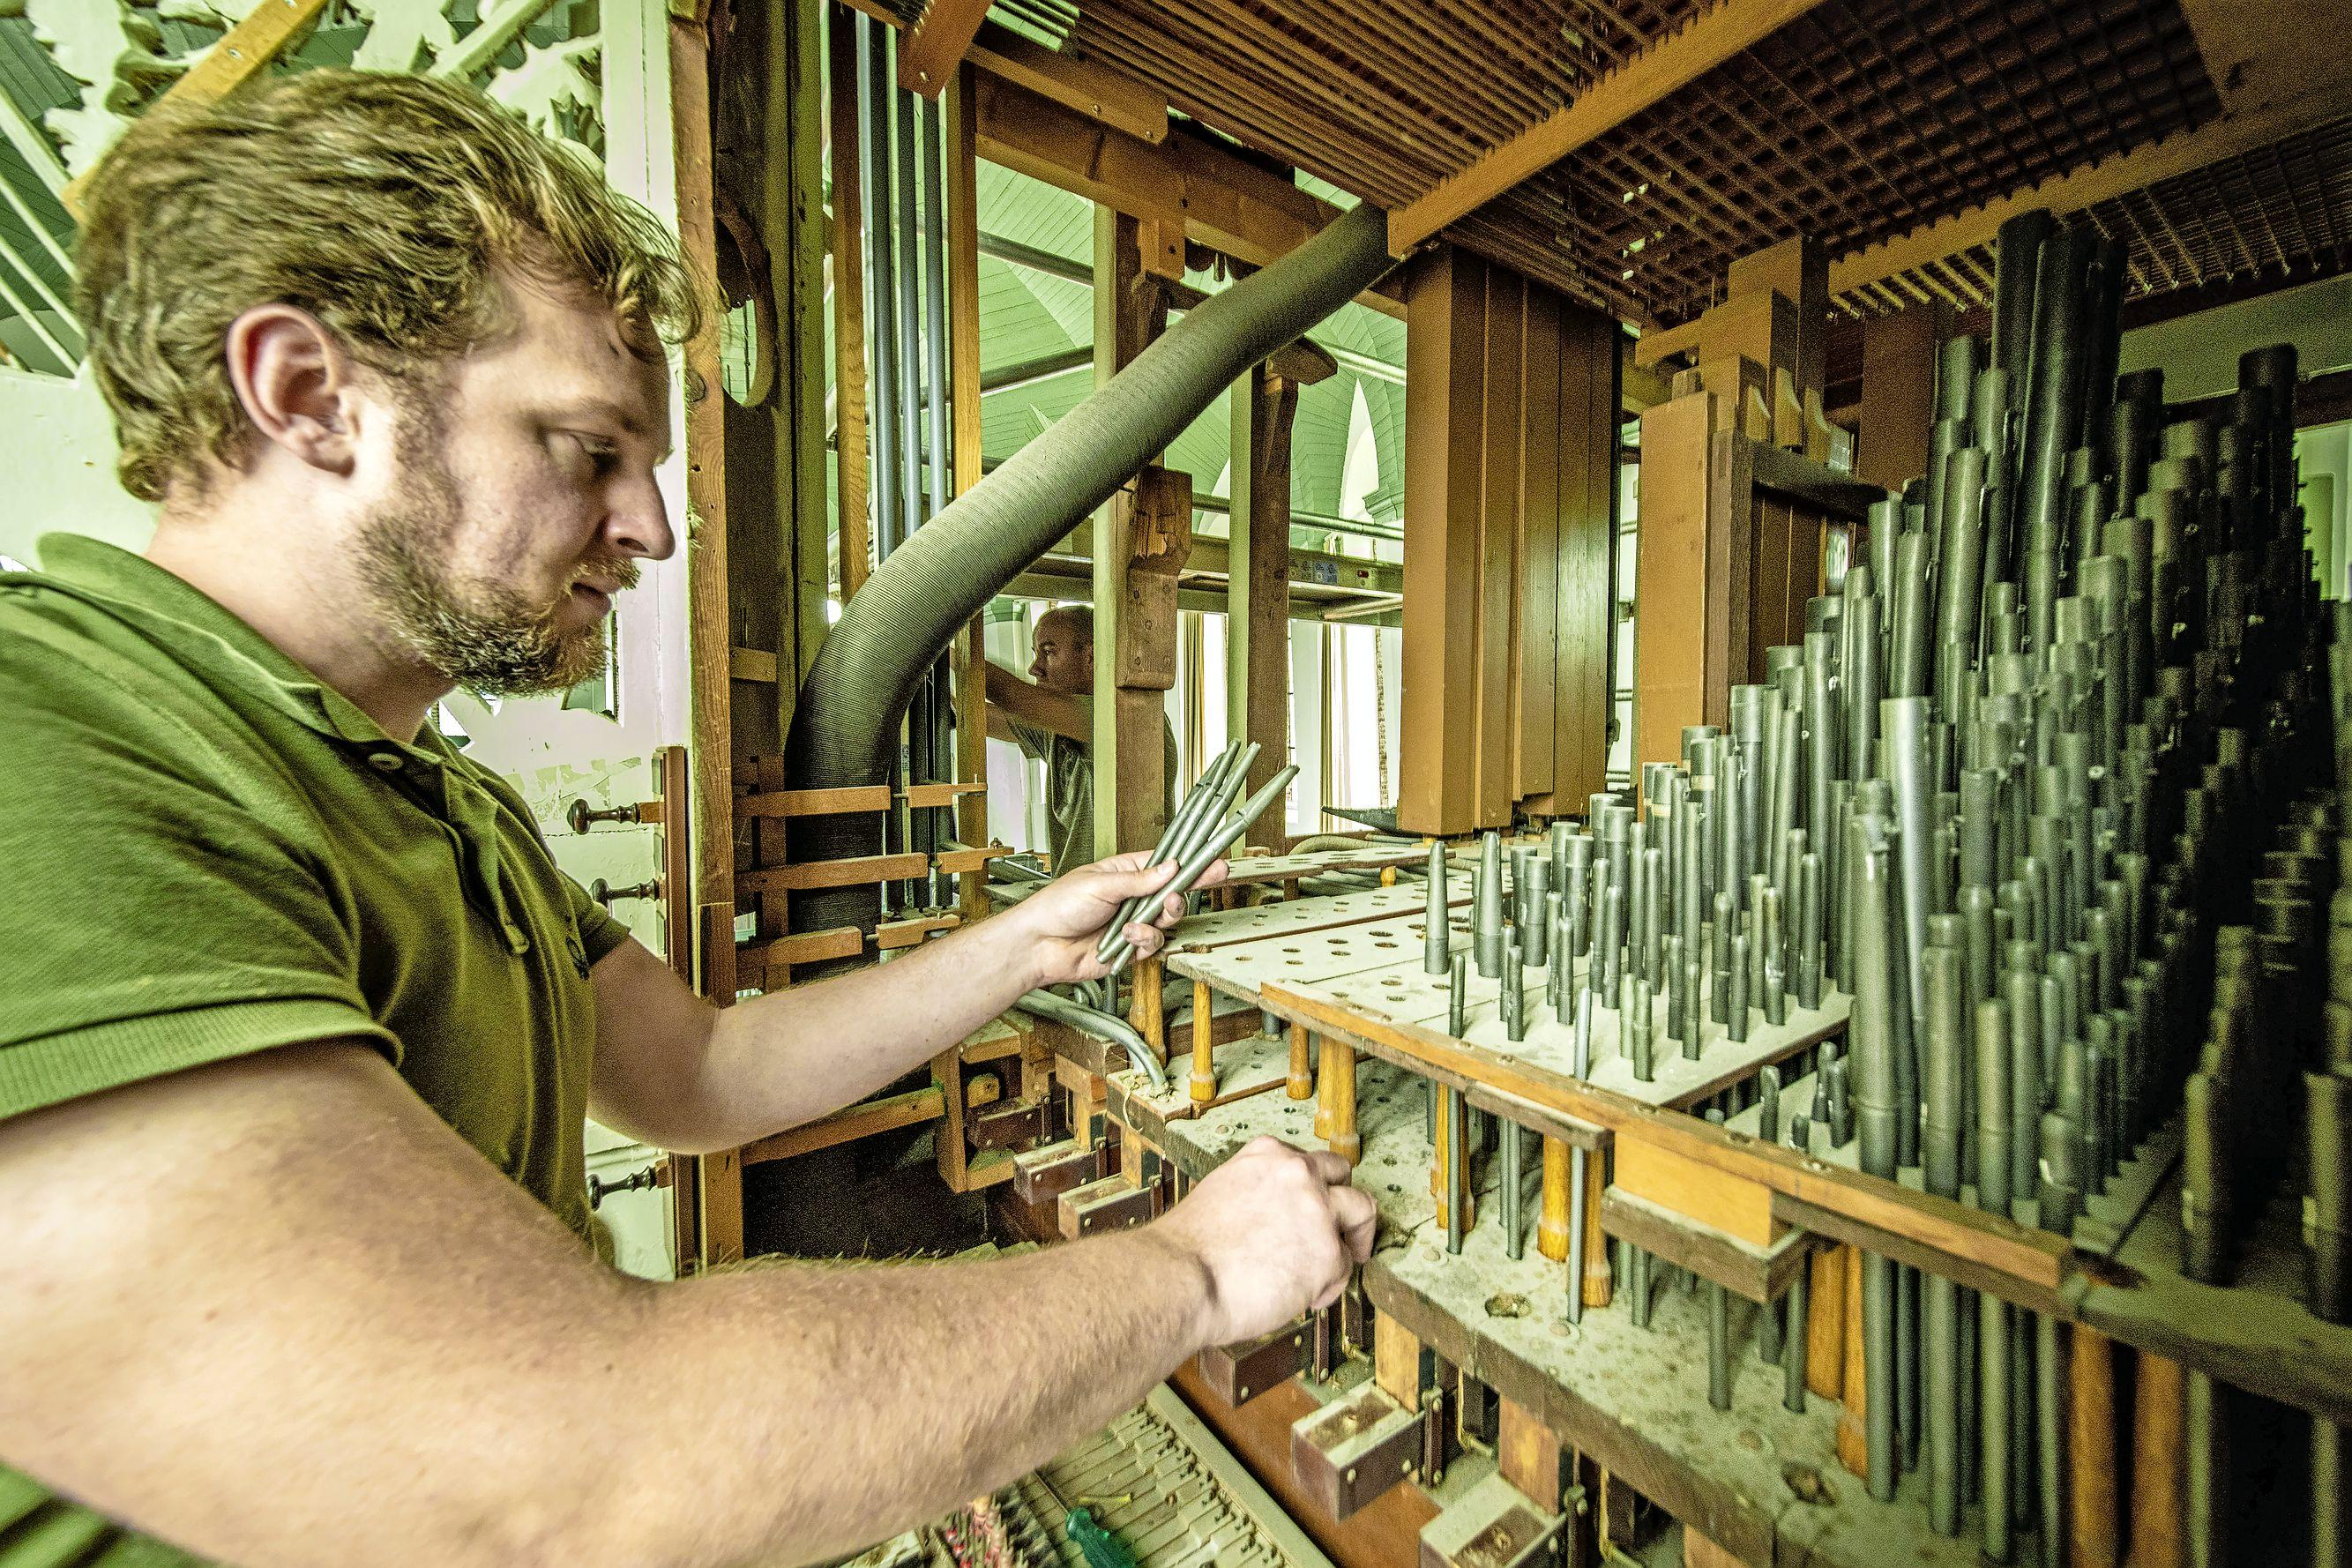 'Zelden een orgel meegemaakt dat zo aan restauratie toe was', klinkt het in de dorpskerk van Woubrugge